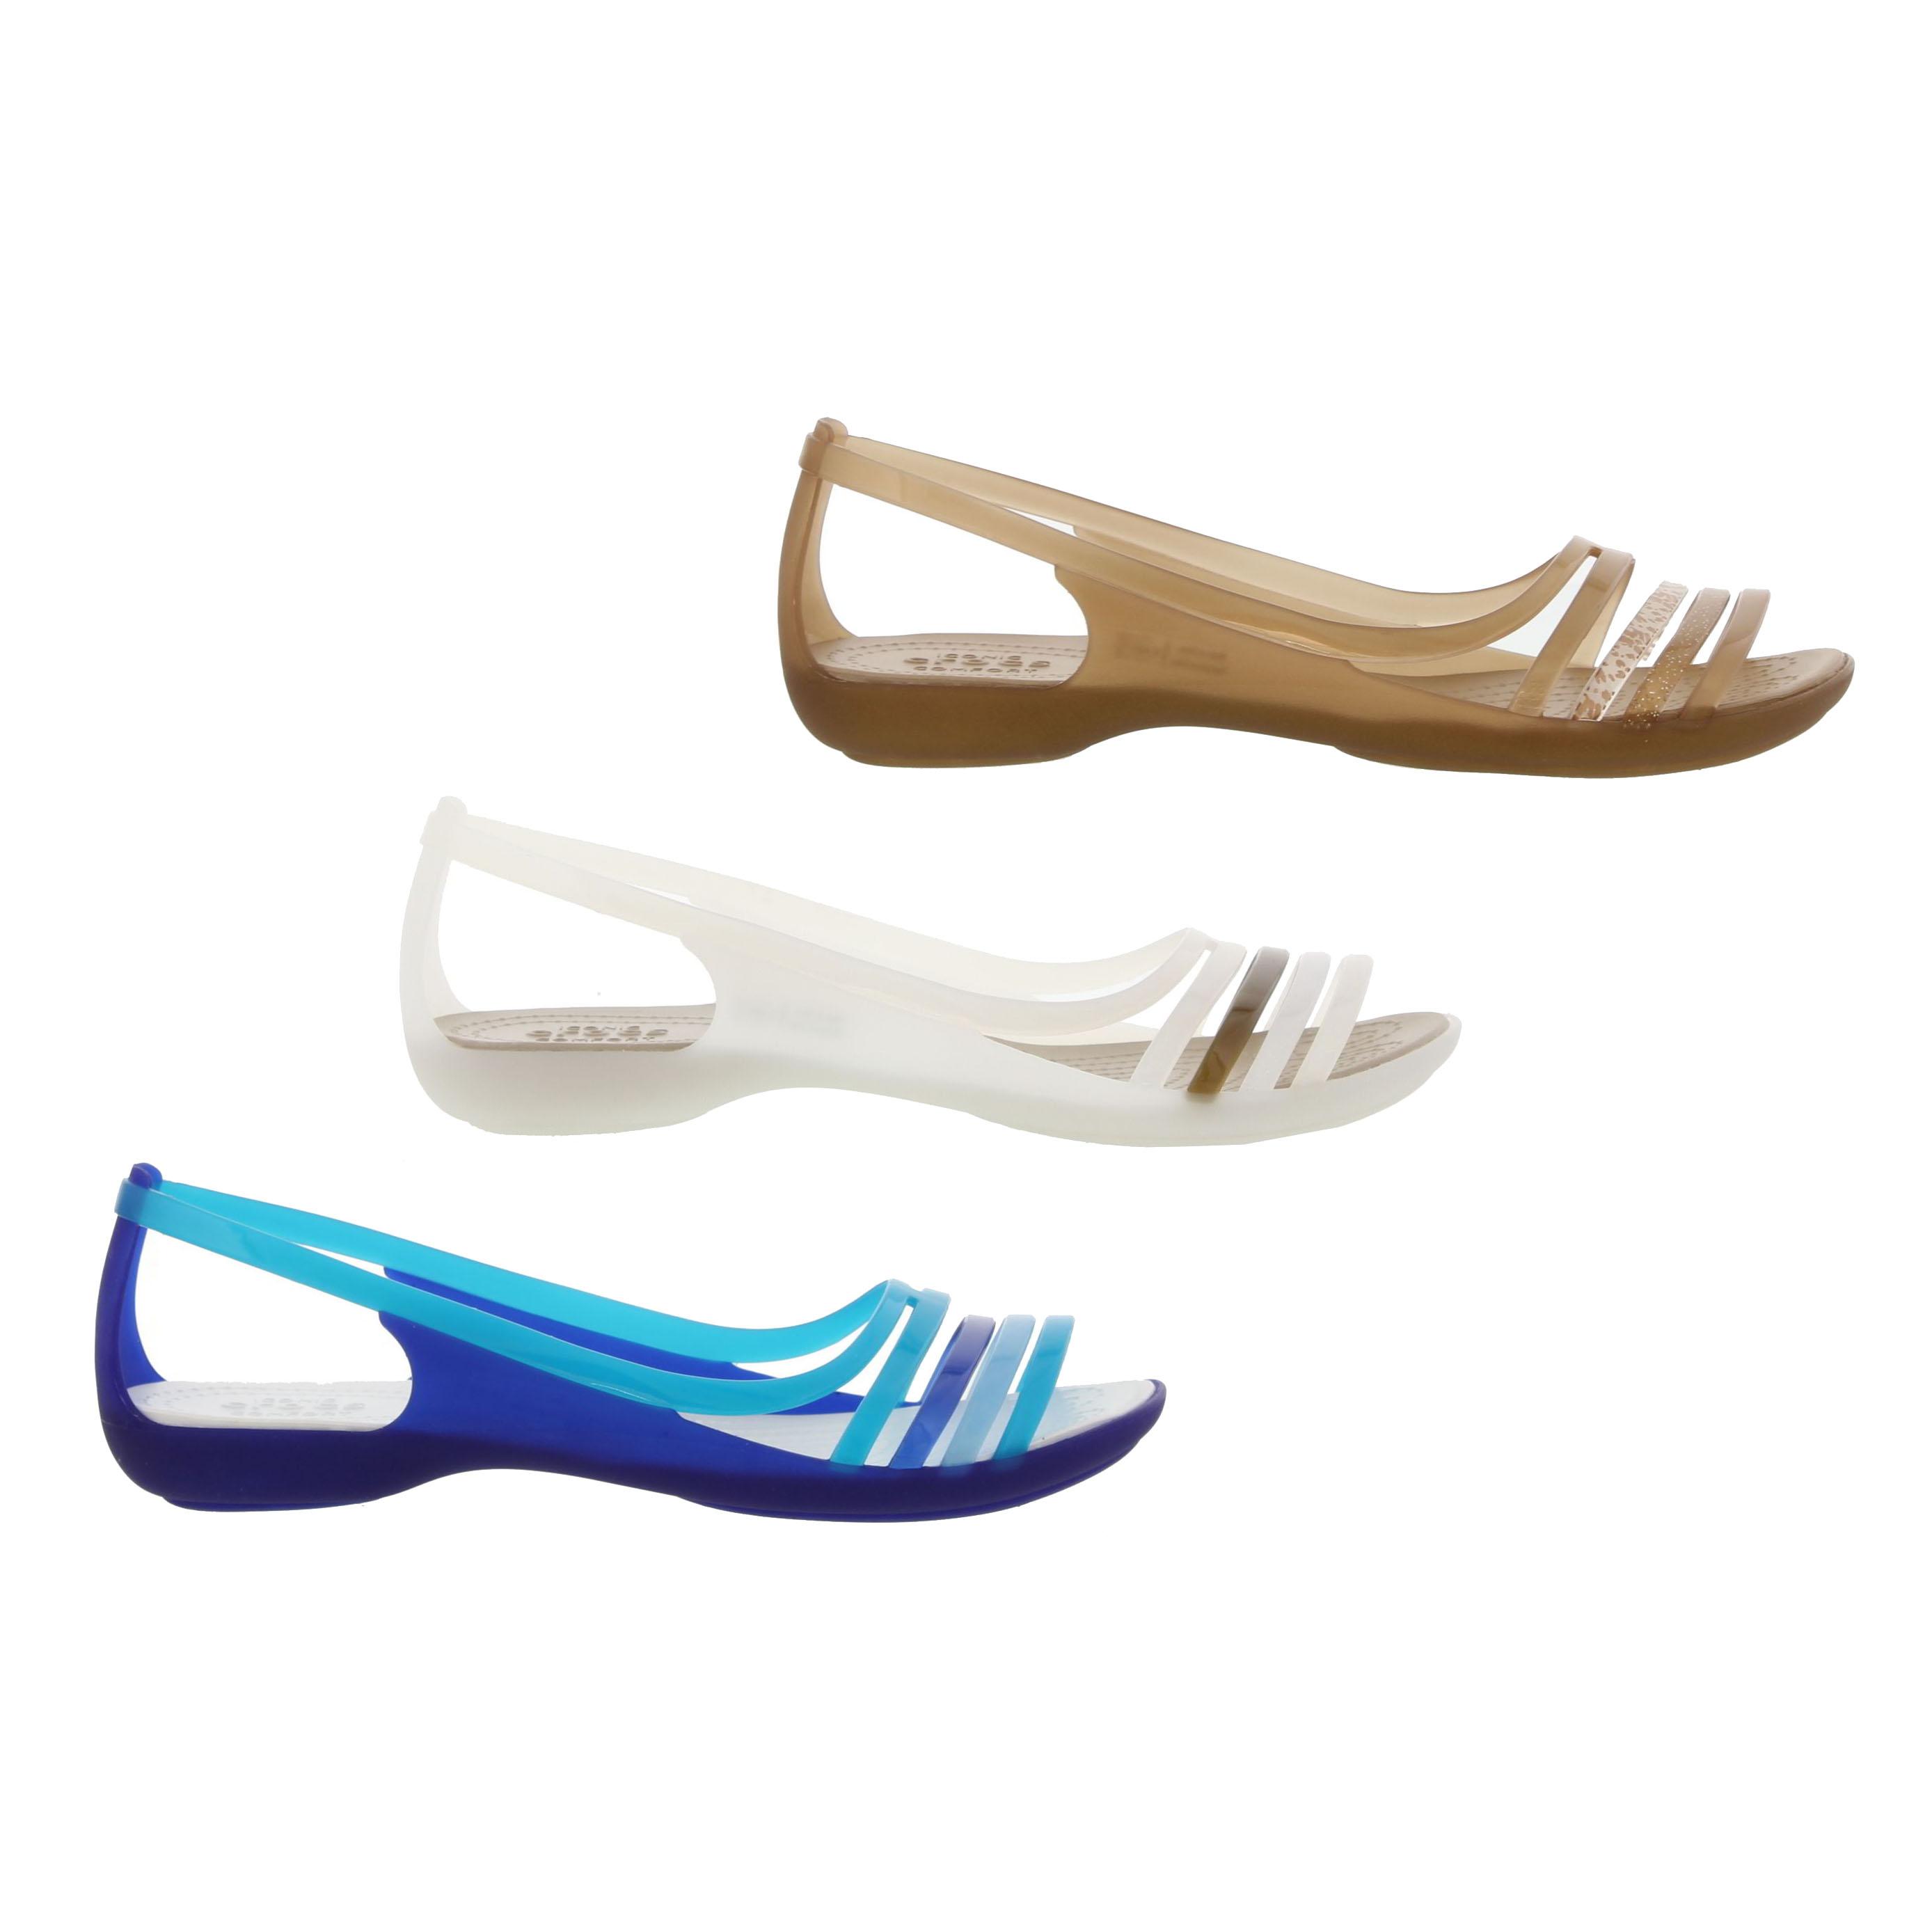 82659cb0443ca Crocs Isabella Huarache Flat Womens Slip On Sandals Shoes Size UK 4 ...